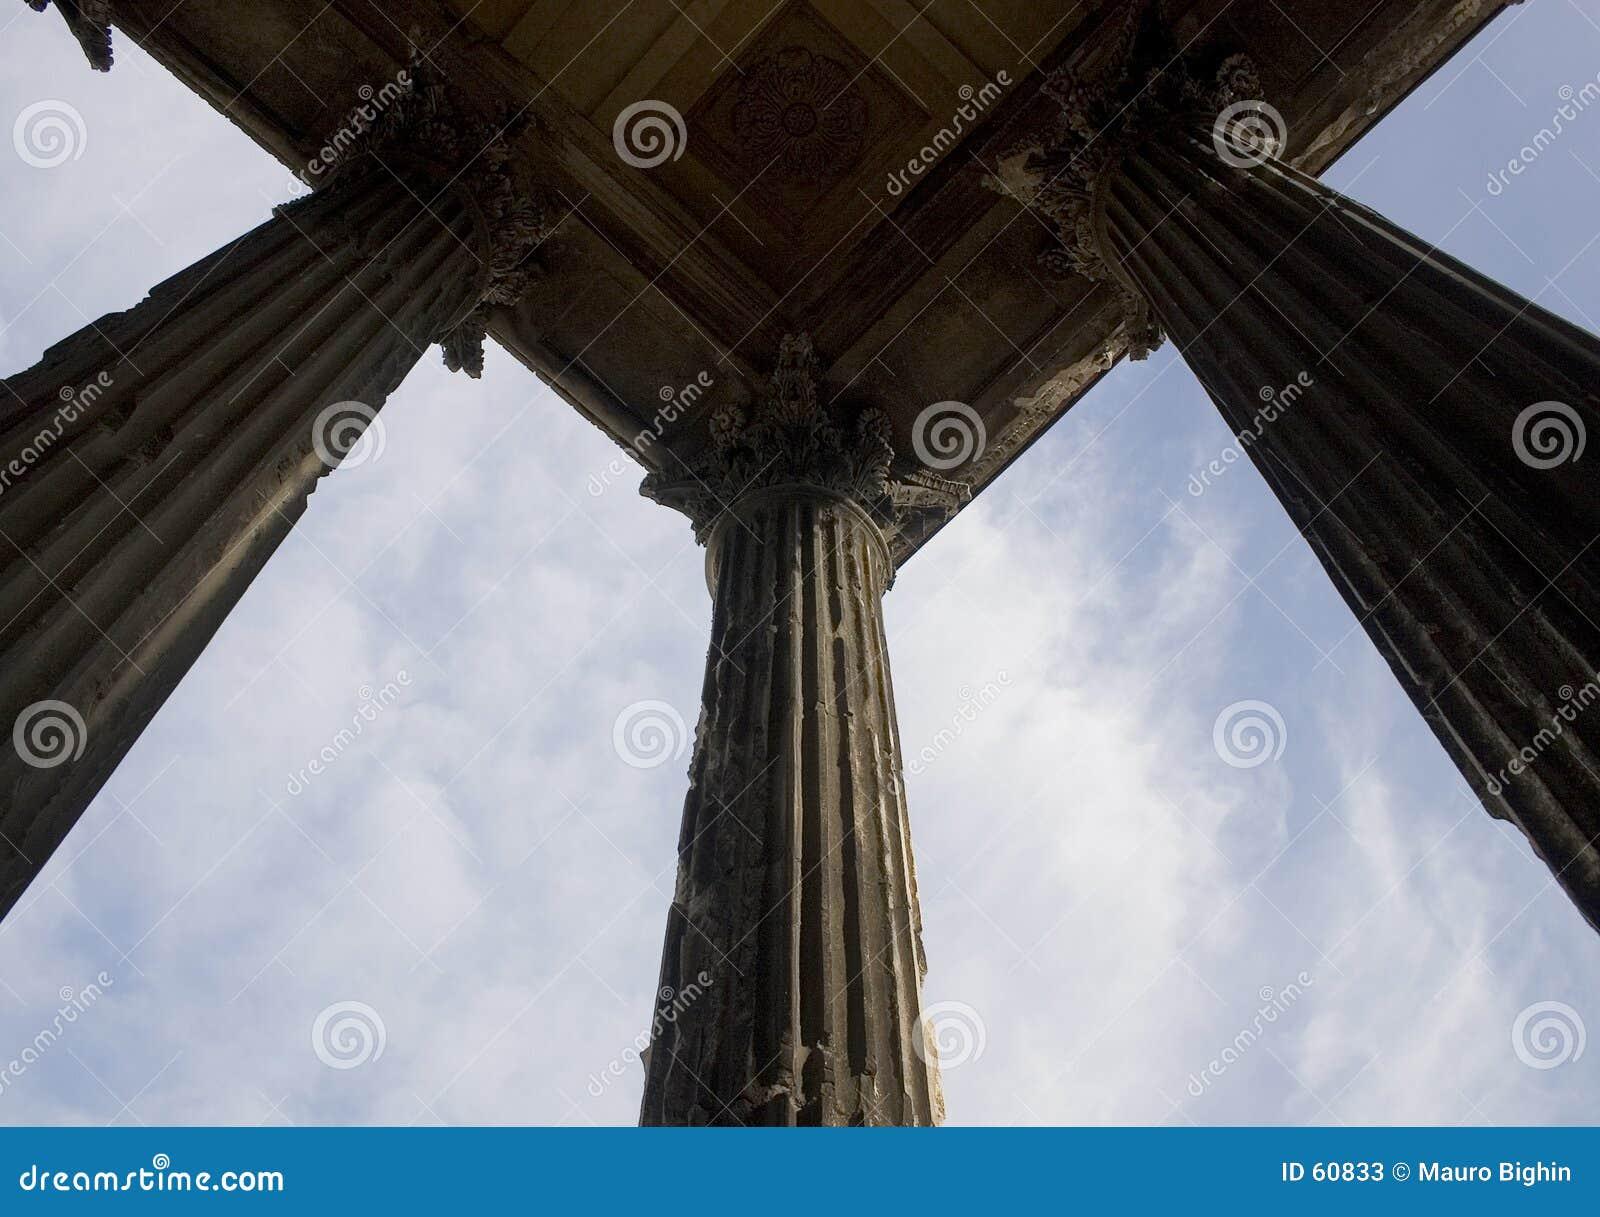 Colunas romanas, a casa quadrada, Nimes, France, Europa